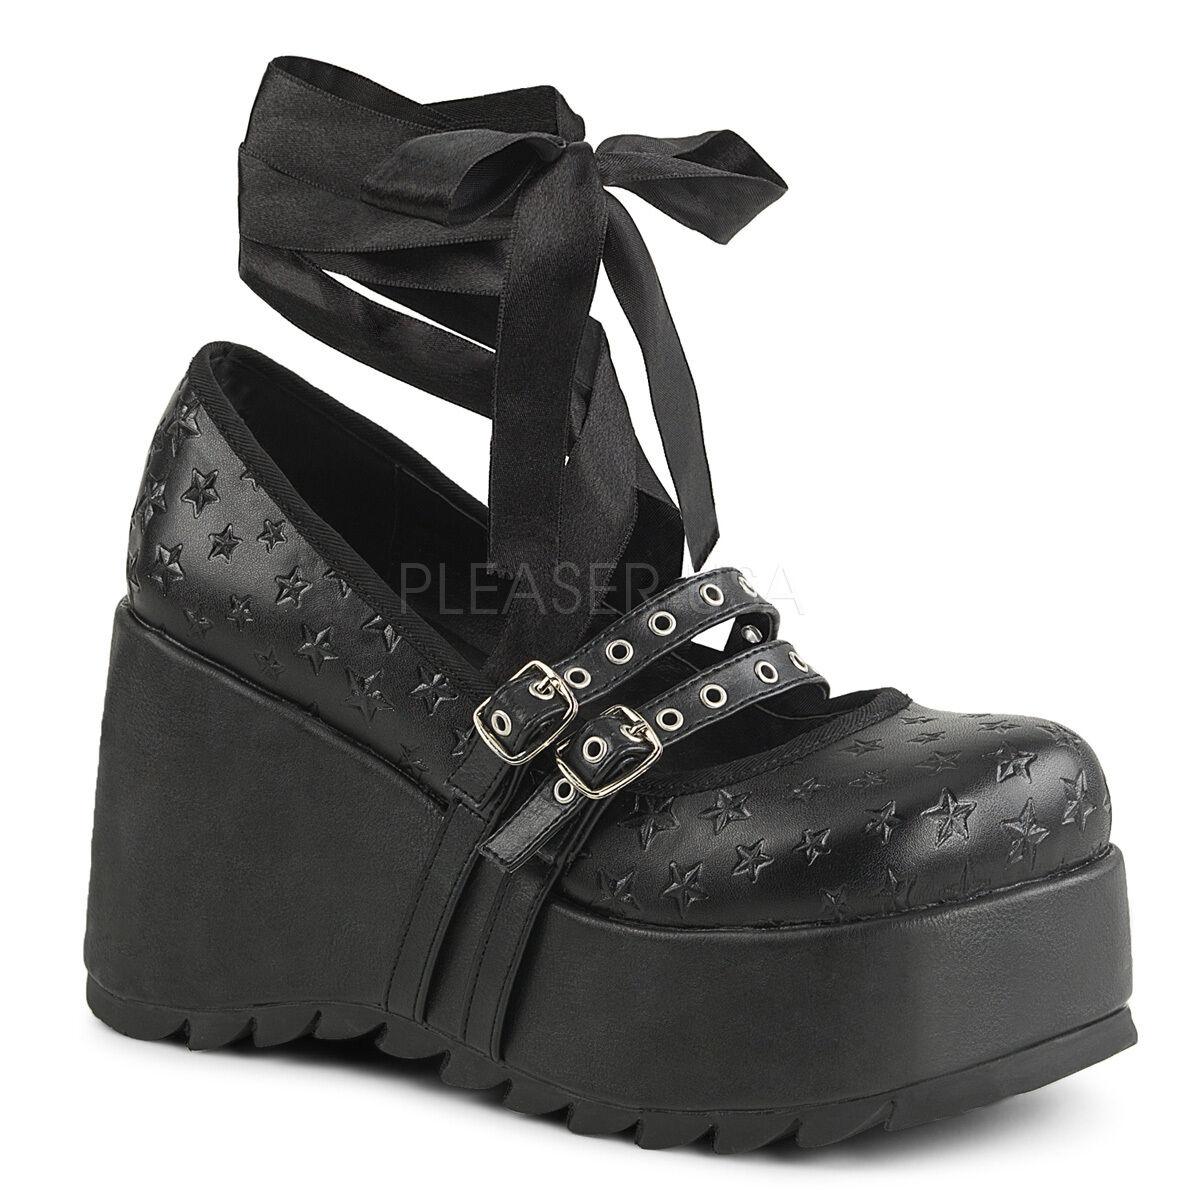 Gótico Punk de escena - 20 Casual Cuña Mary Jane Zapatos De Plataforma Con Cordones estrellas en relieve